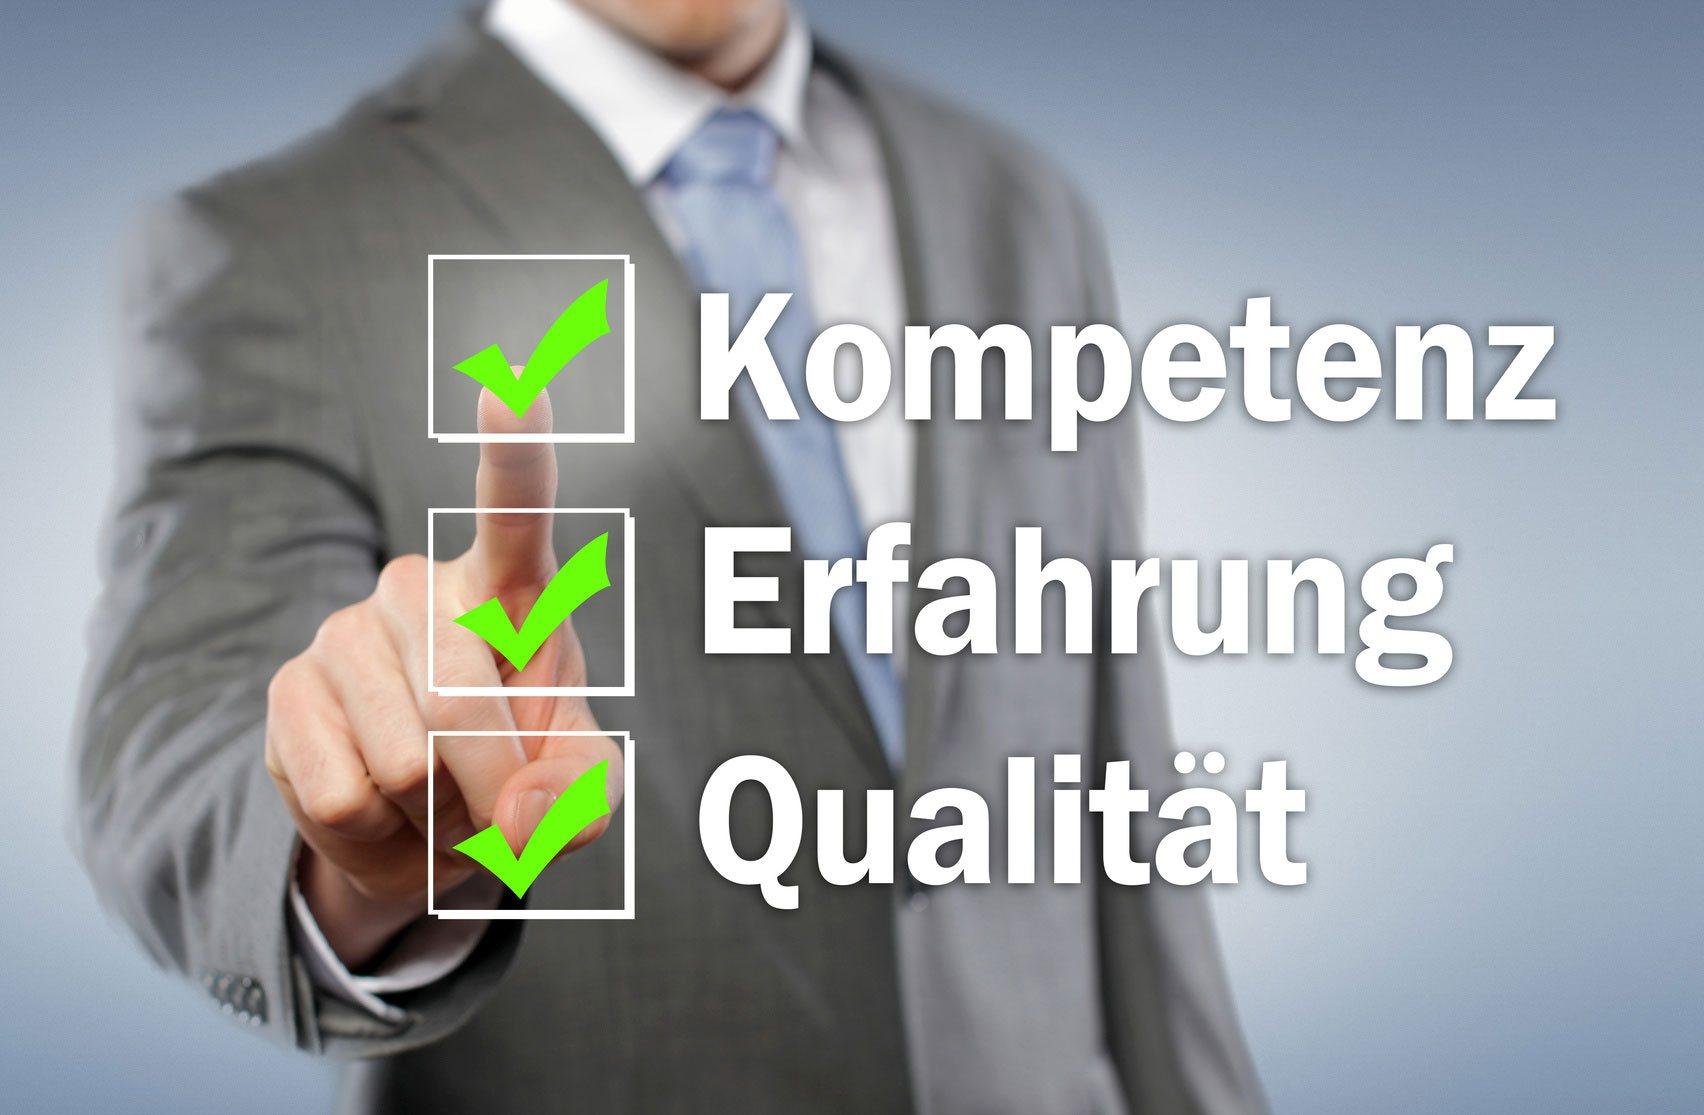 FocusControl - Alarmanlagen Kompetenz, Erfahrung und Qualität